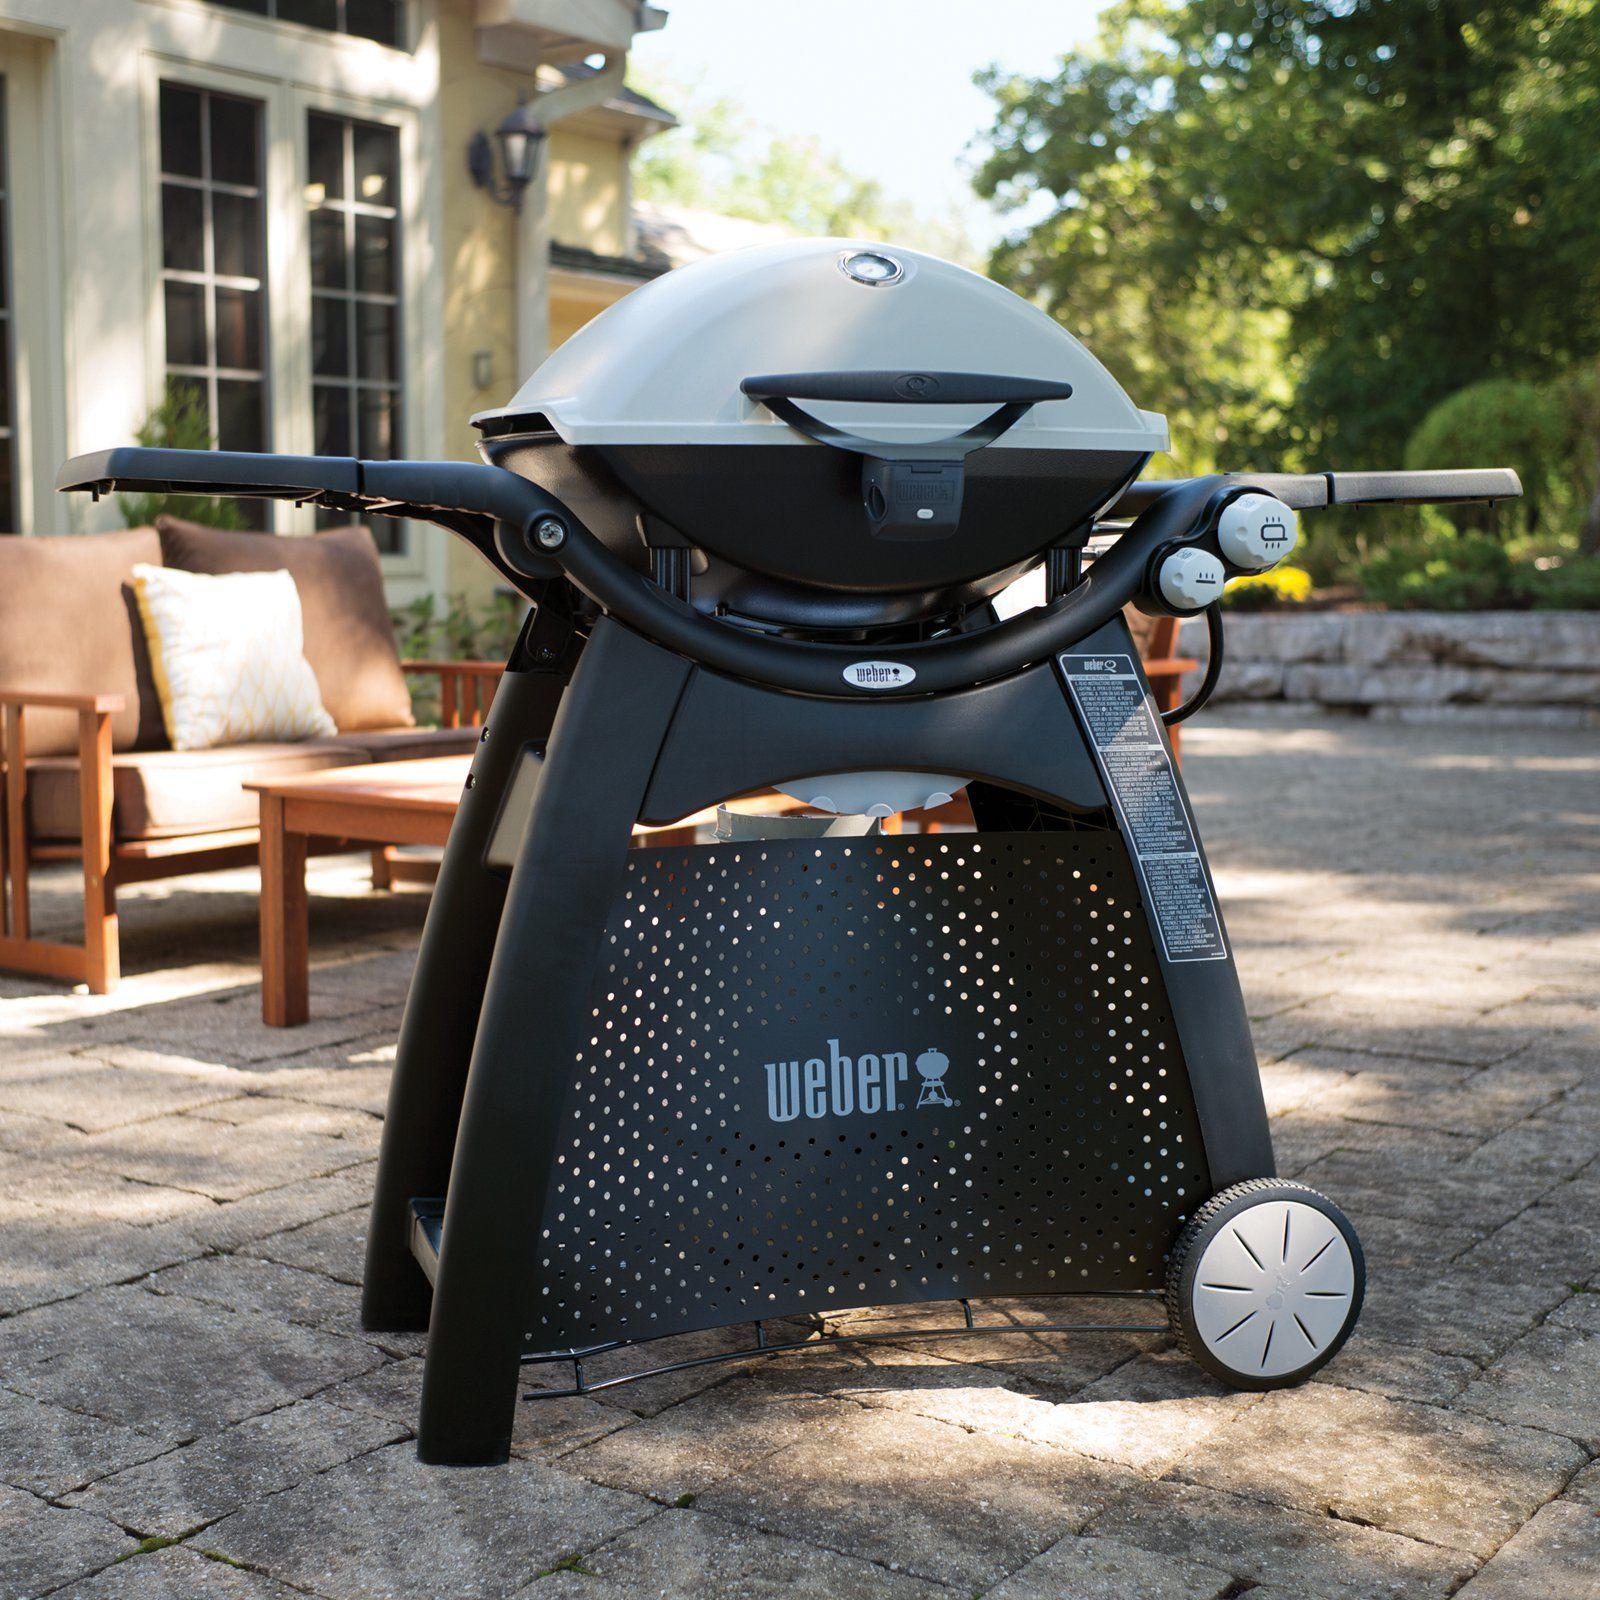 Weber Q 3200 Lp Gas Grill Www Hayneedle Com Gas Grill Best Gas Grills Gas